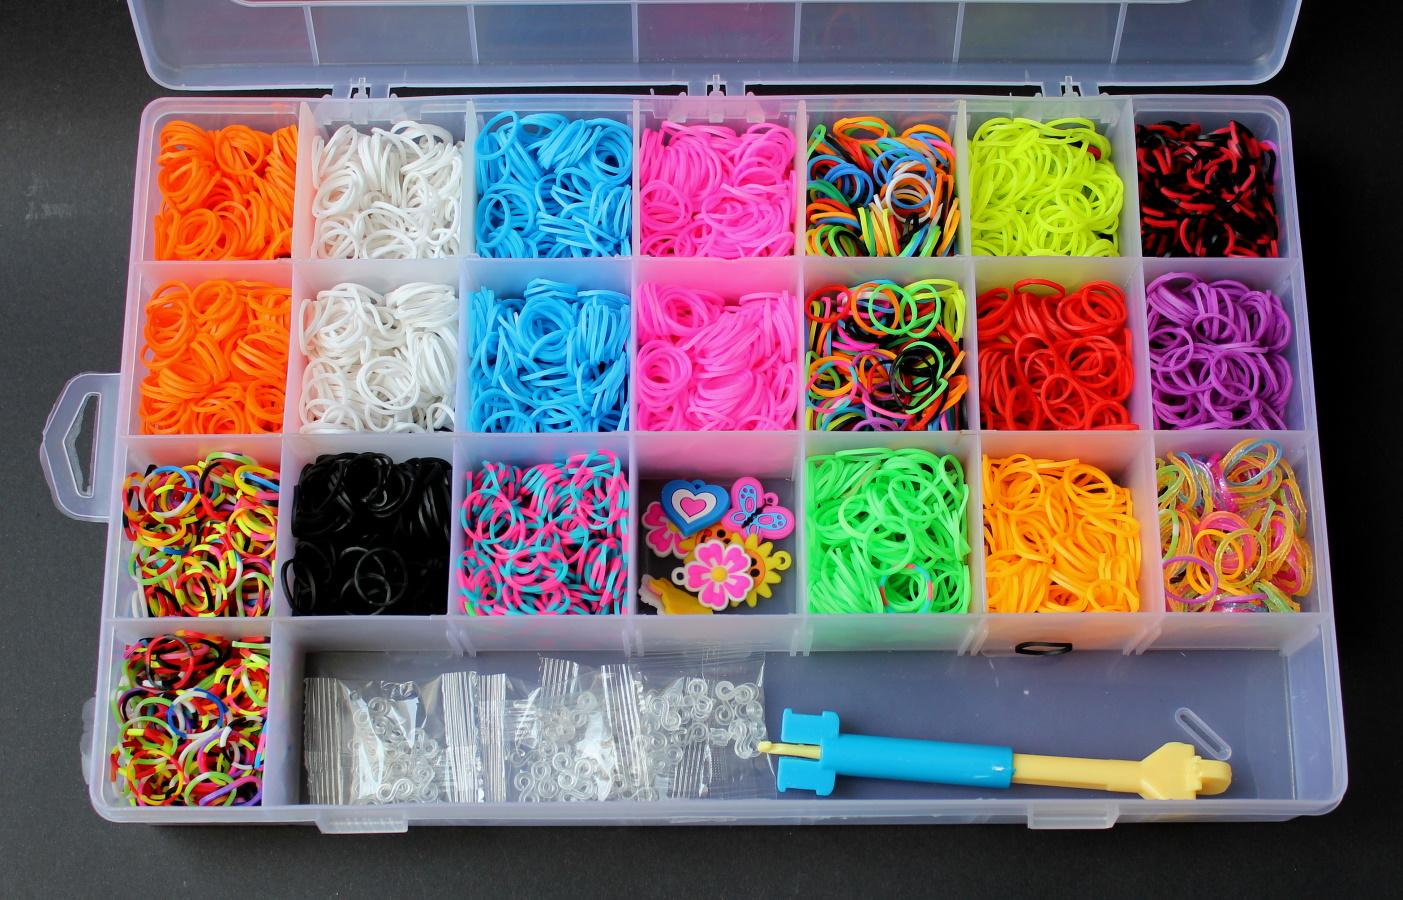 loom bands gummib nder kinder glow armband kinderschmuck starterset basteln vl2. Black Bedroom Furniture Sets. Home Design Ideas